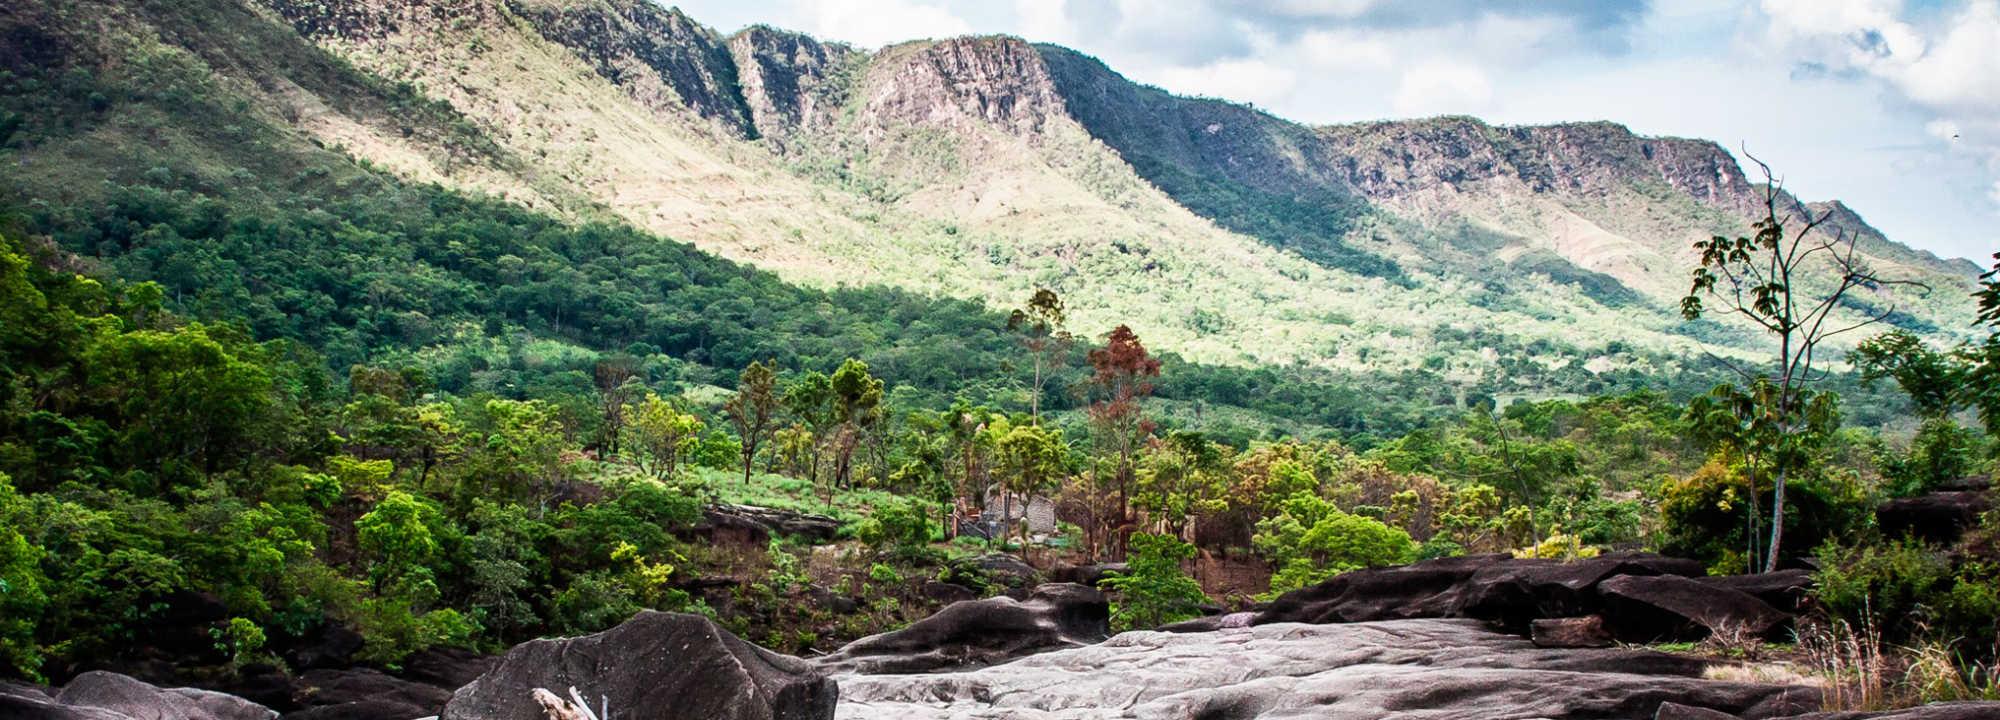 roteiros de ecoturismo no brasil